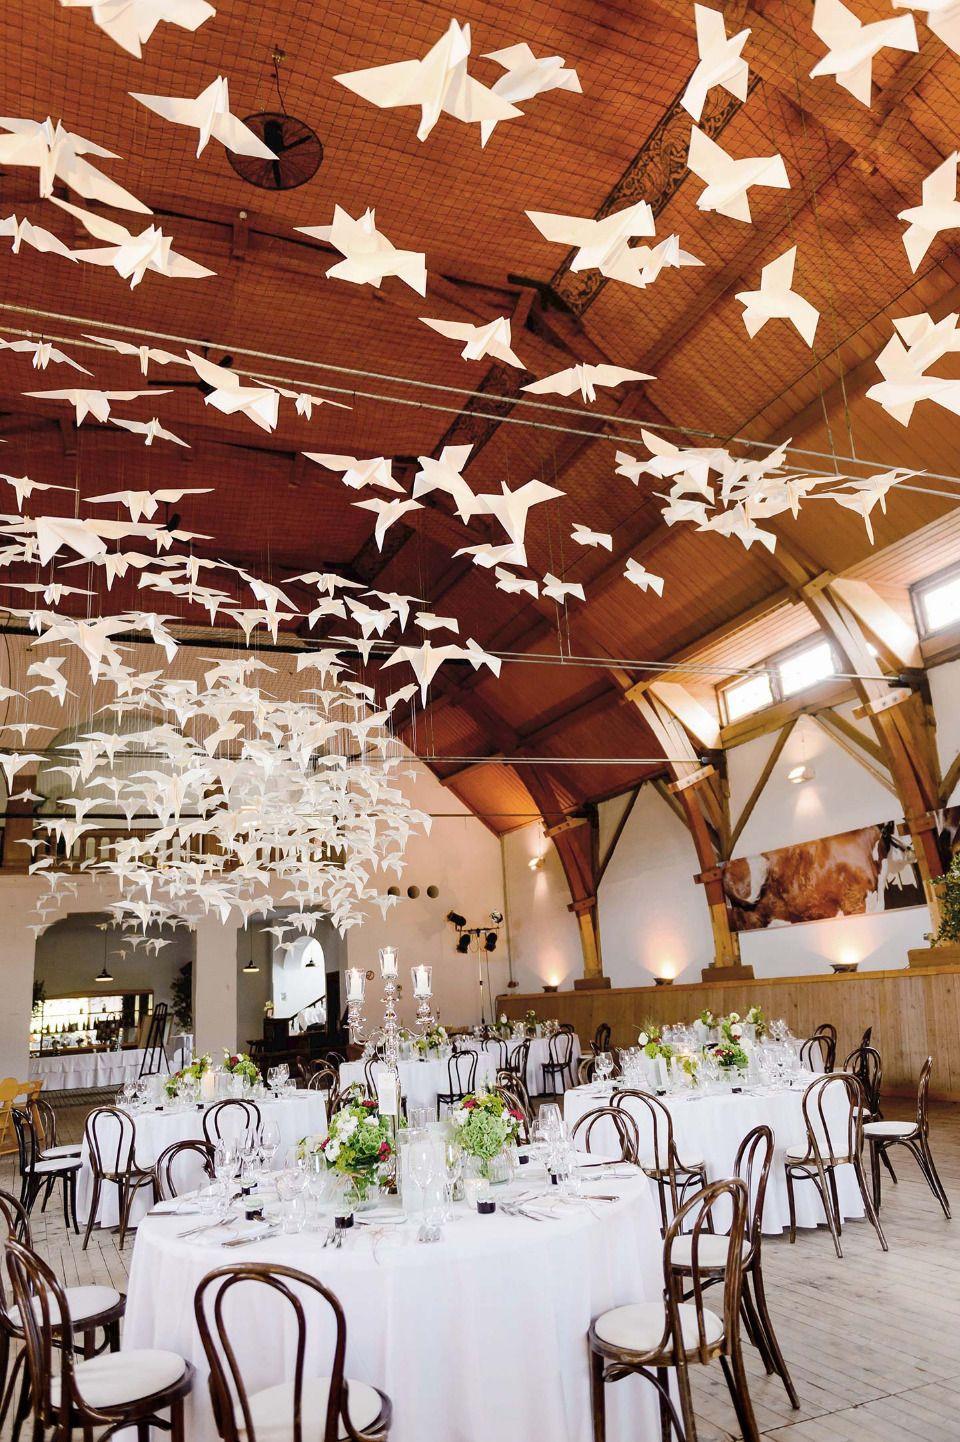 Eine Sommerhochzeit Mit Papier Vogelschwarm Als Besonderes Hochzeitssdetail Sommerhochzeit Hochzeitsdetails Origami Hochzeit